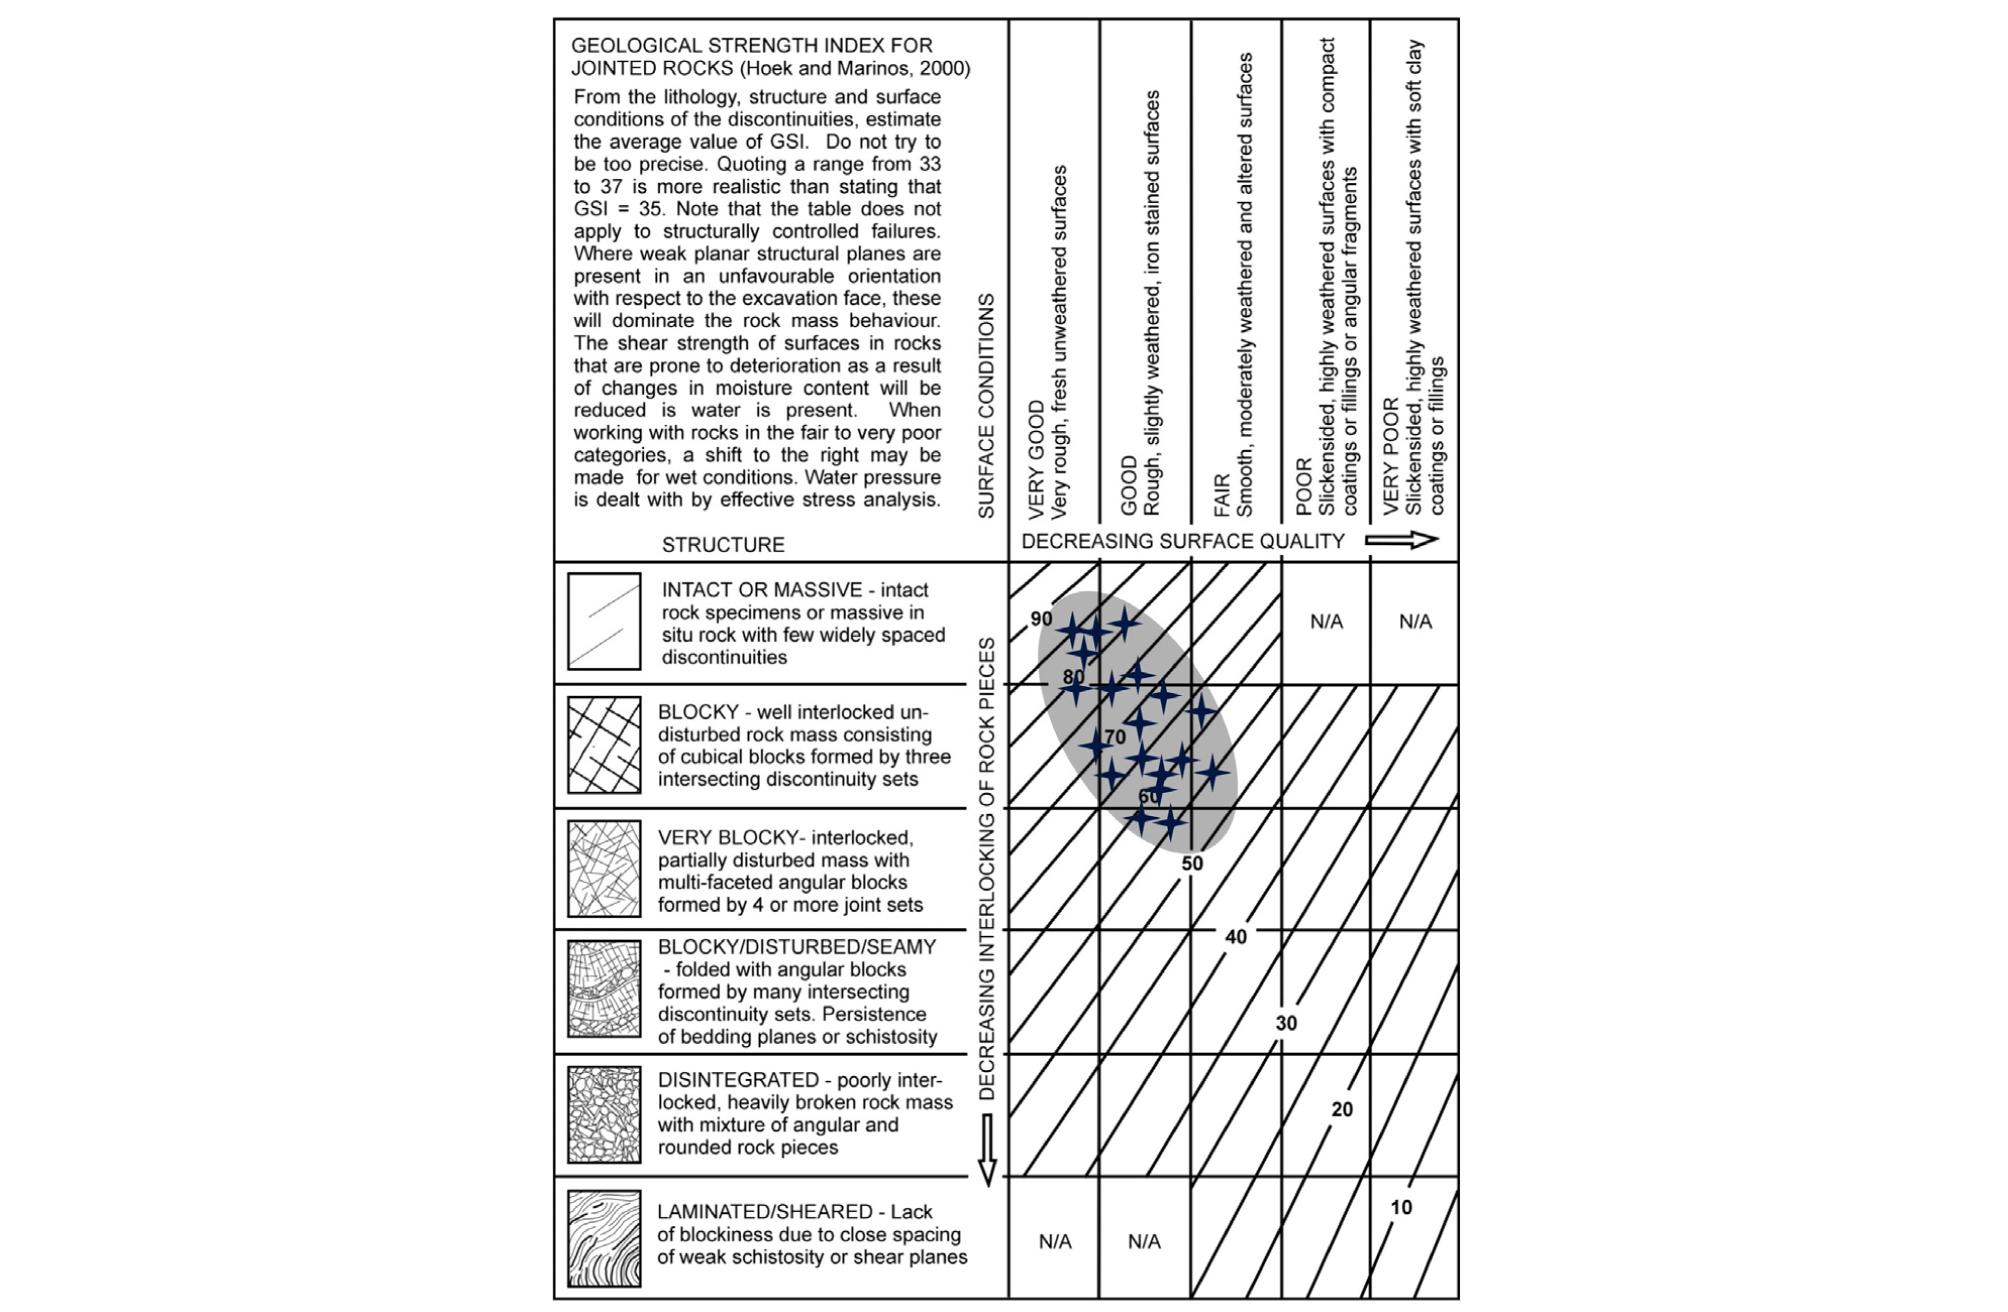 http://static.apub.kr/journalsite/sites/ksrm/2018-028-05/N0120280505/images/ksrm_28_05_05_F3.jpg